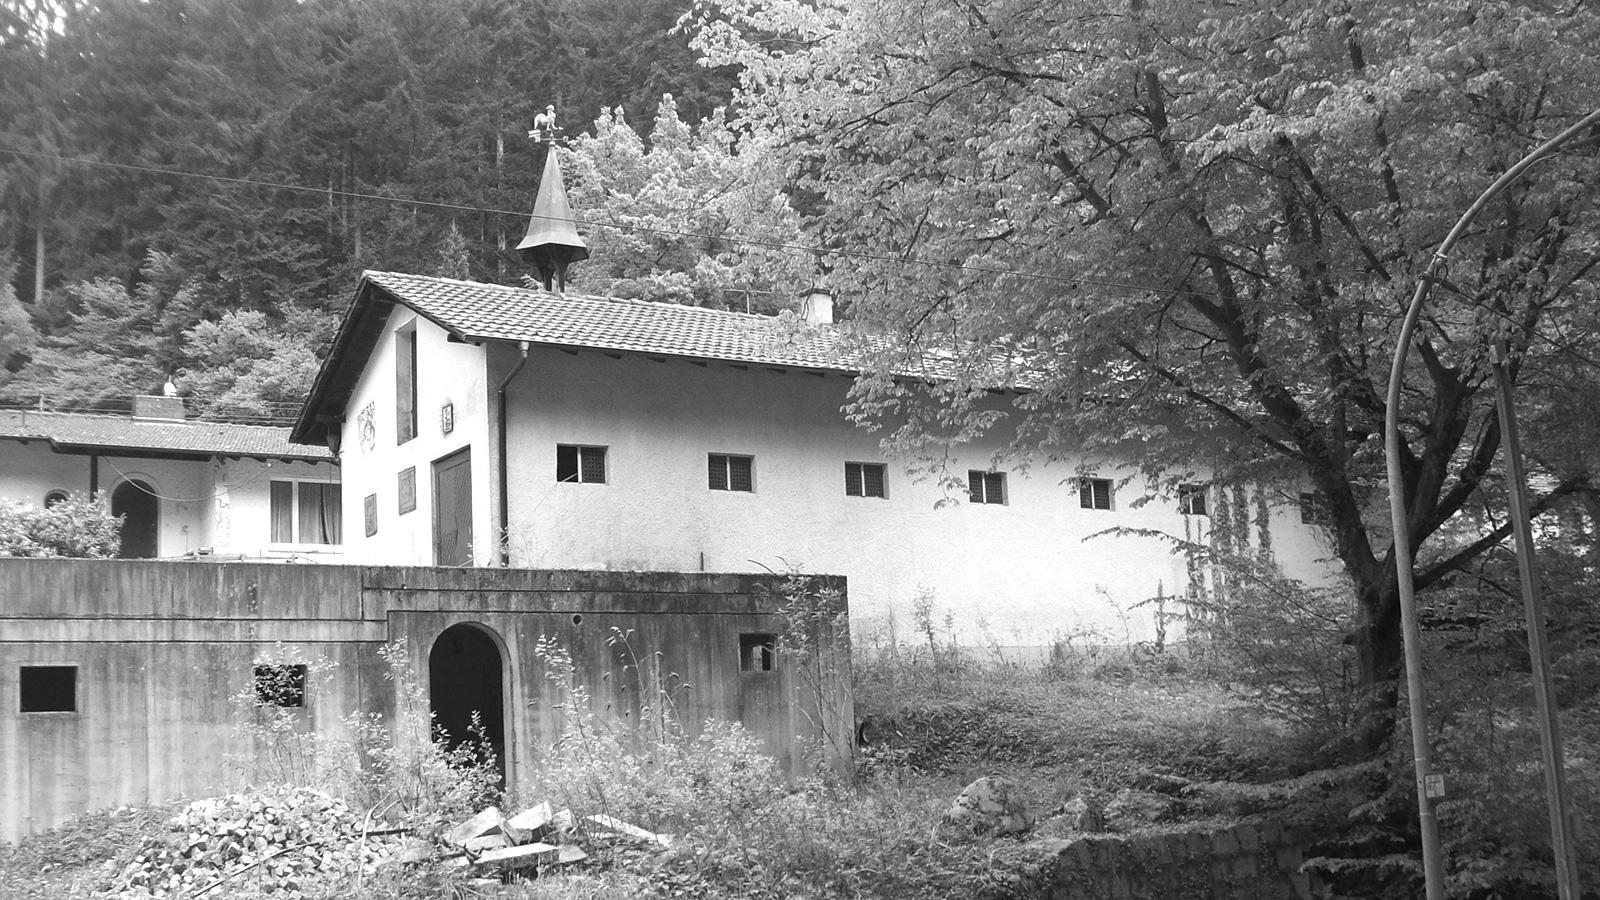 stocker_dewes_wohnhaus_bestand_1